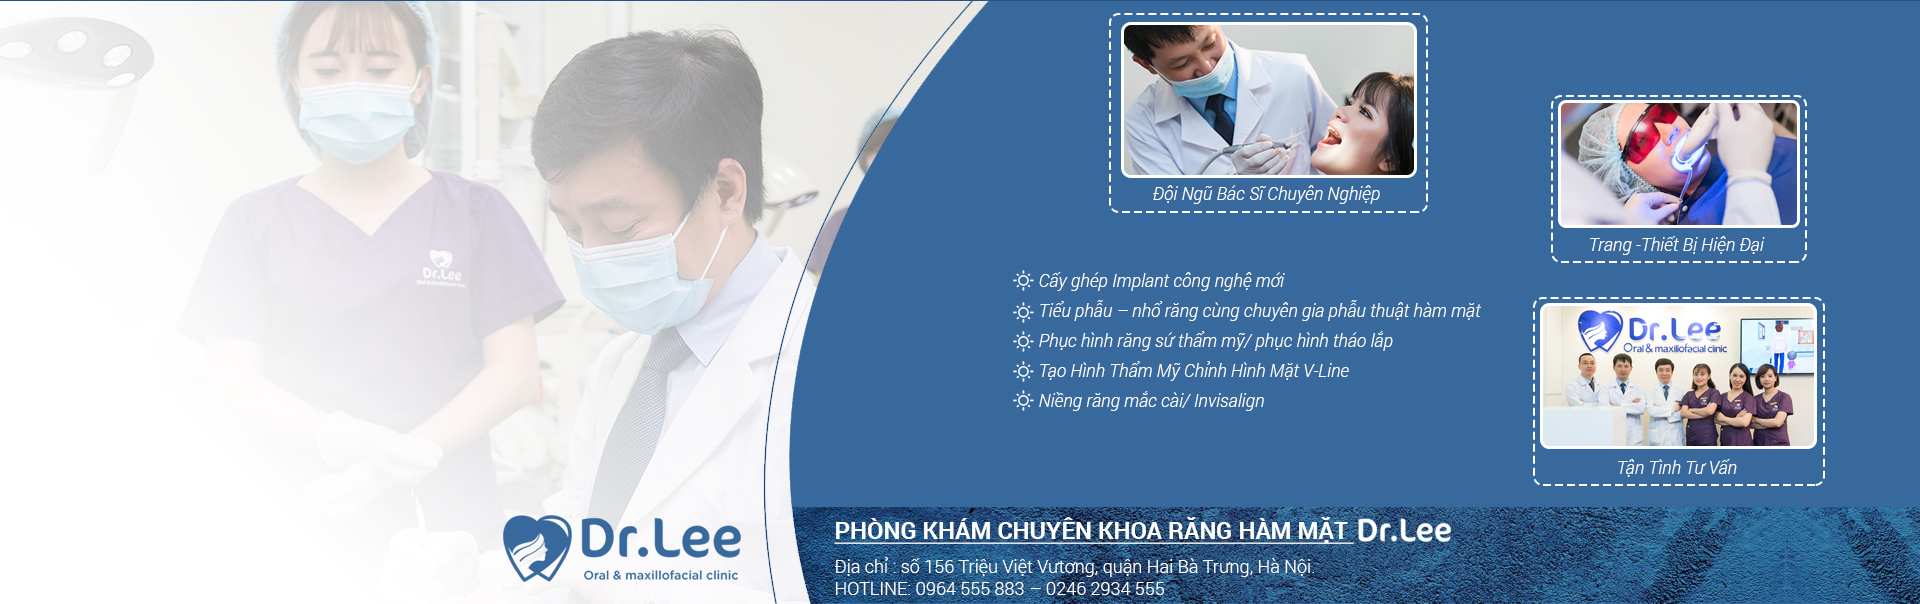 Nha Khoa DR.LEE